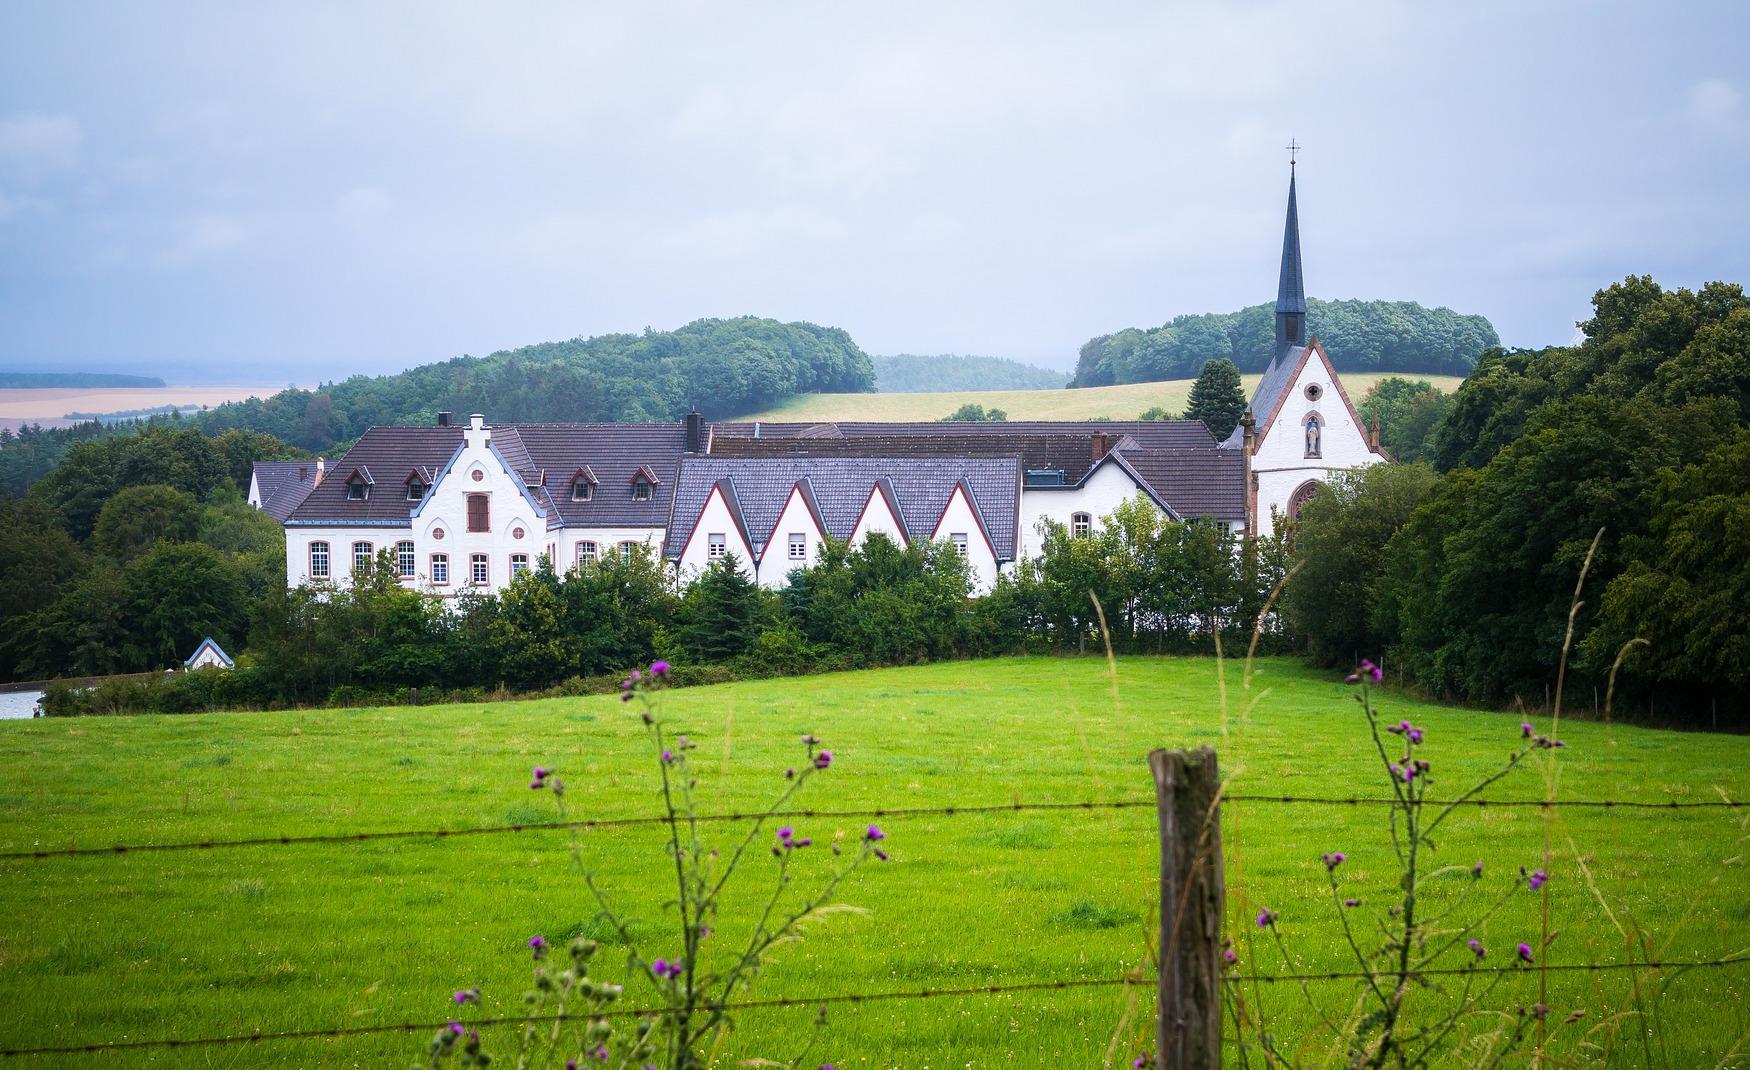 Tagesfahrt zur Wallfahrtskirche St. Salvator in Heimbach, Abtei Mariawald und Pfarrkirche St. Dionysius in Heimbach-Vlatten